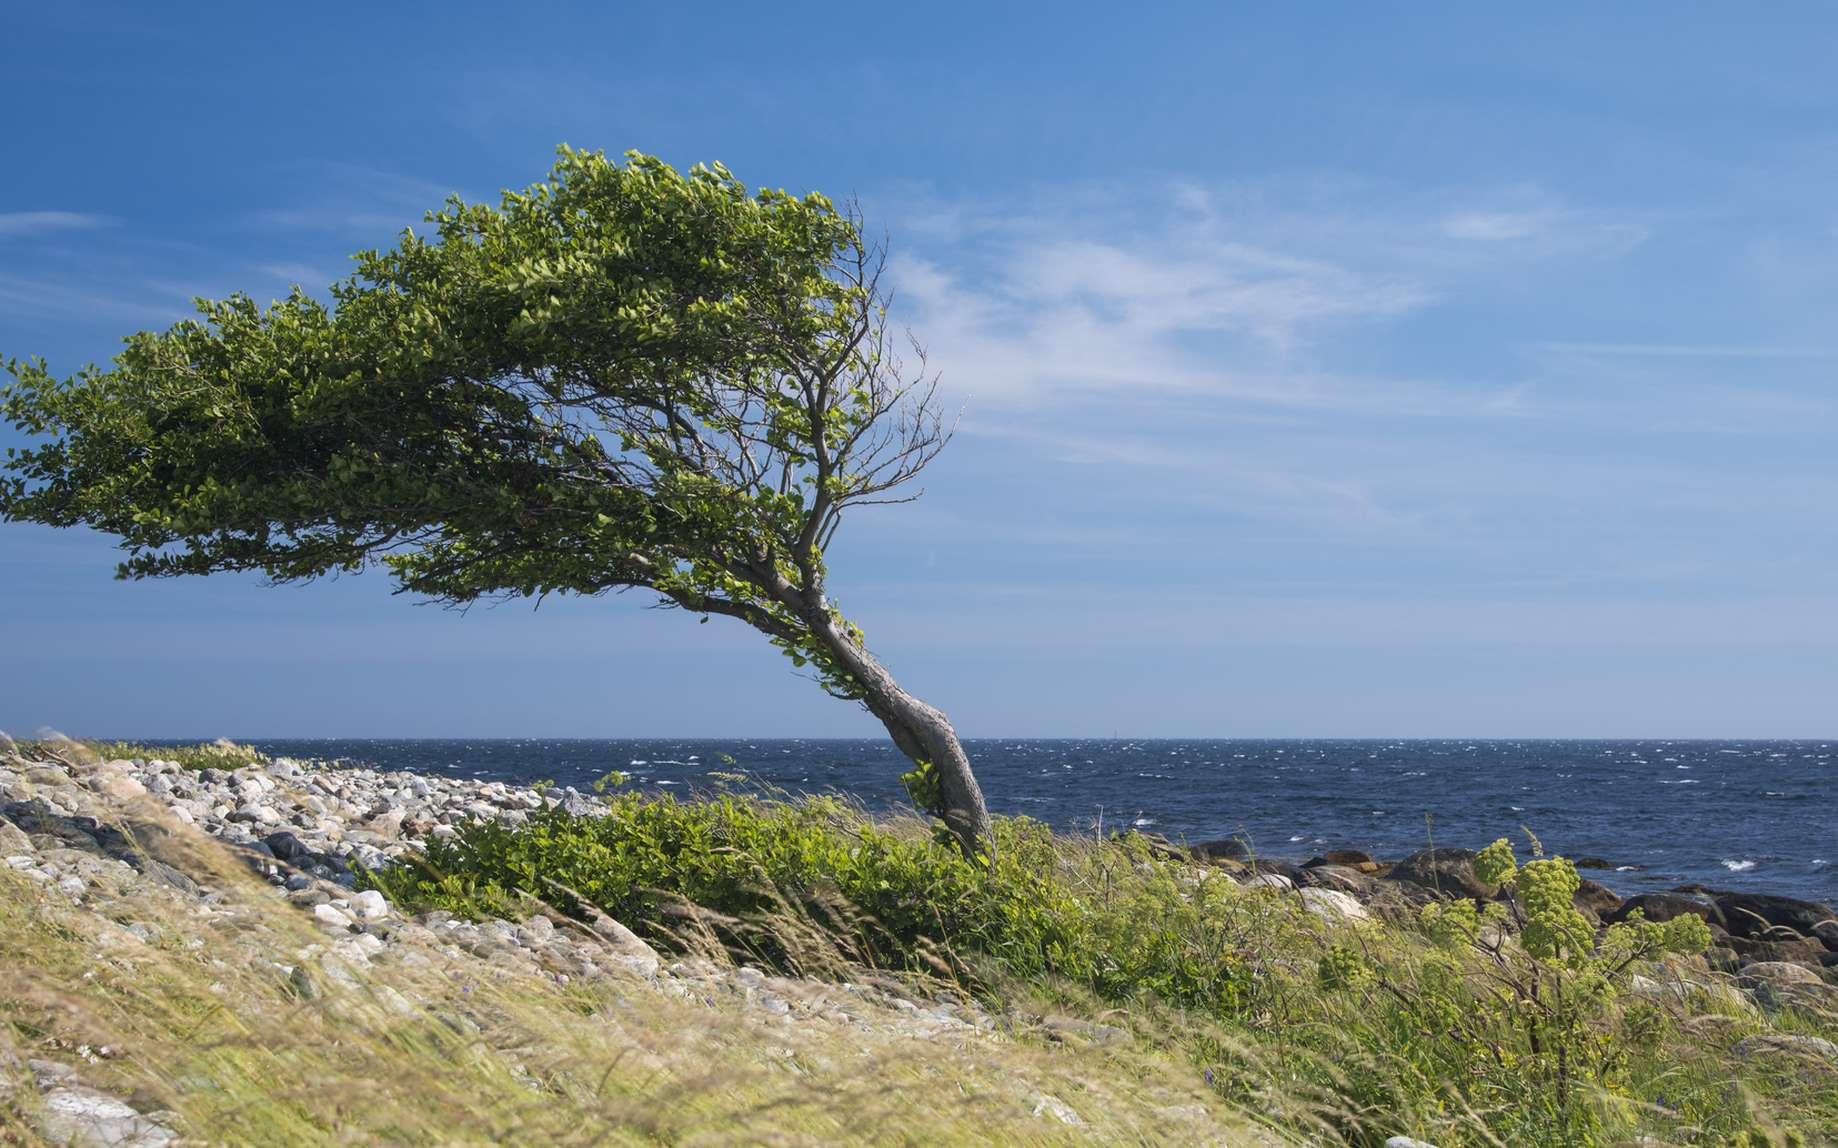 En Provence, de nombreux arbres sont torturés par le mistral. Le vent peut souffler avec des pointes à plus de 100 km/h plusieurs jours d'affilée. © rkris, fotolia